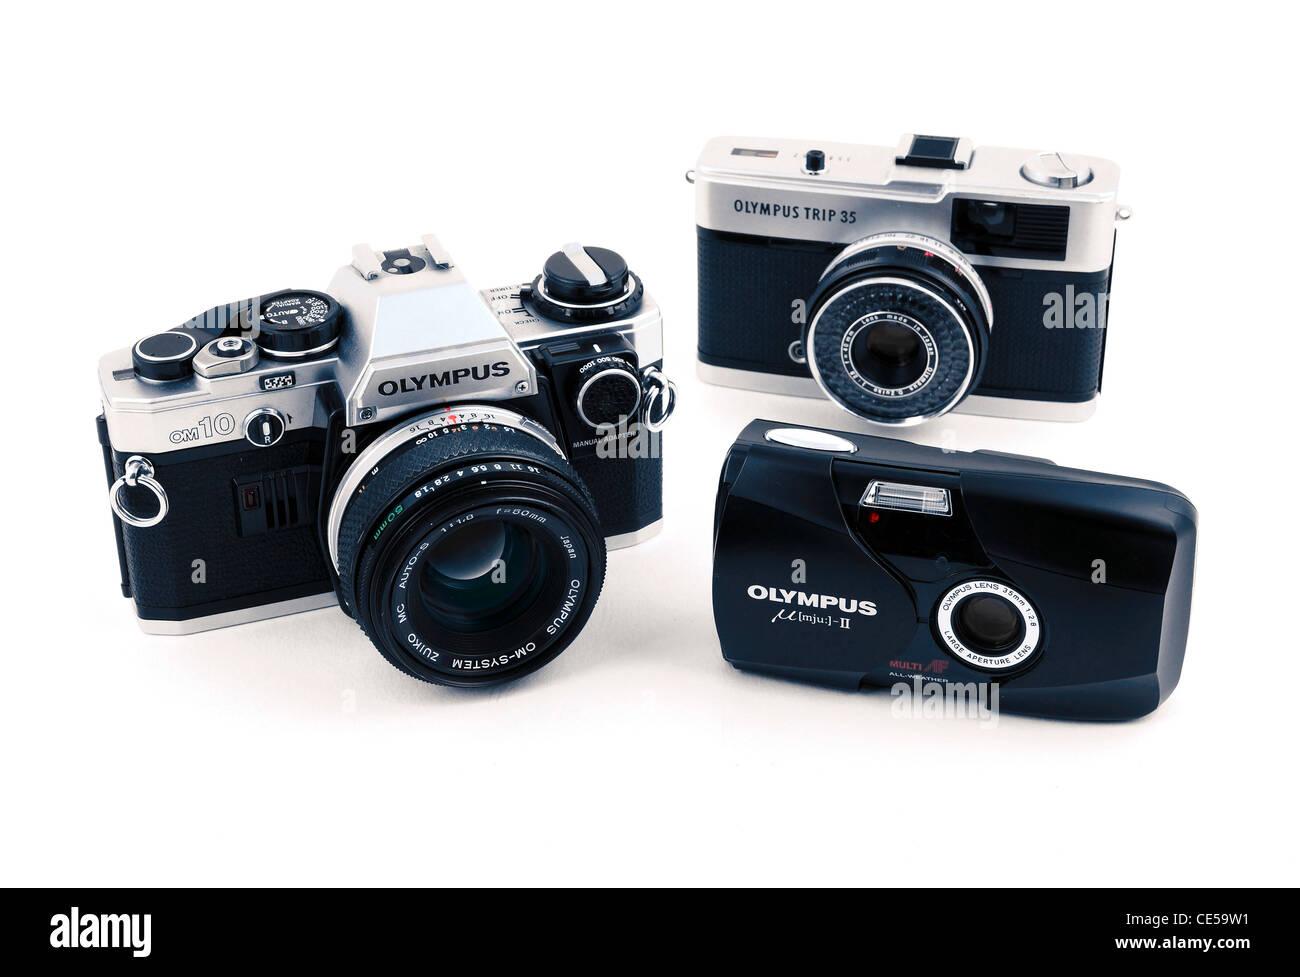 Film Cameras Stock Photos & Film Cameras Stock Images - Alamy